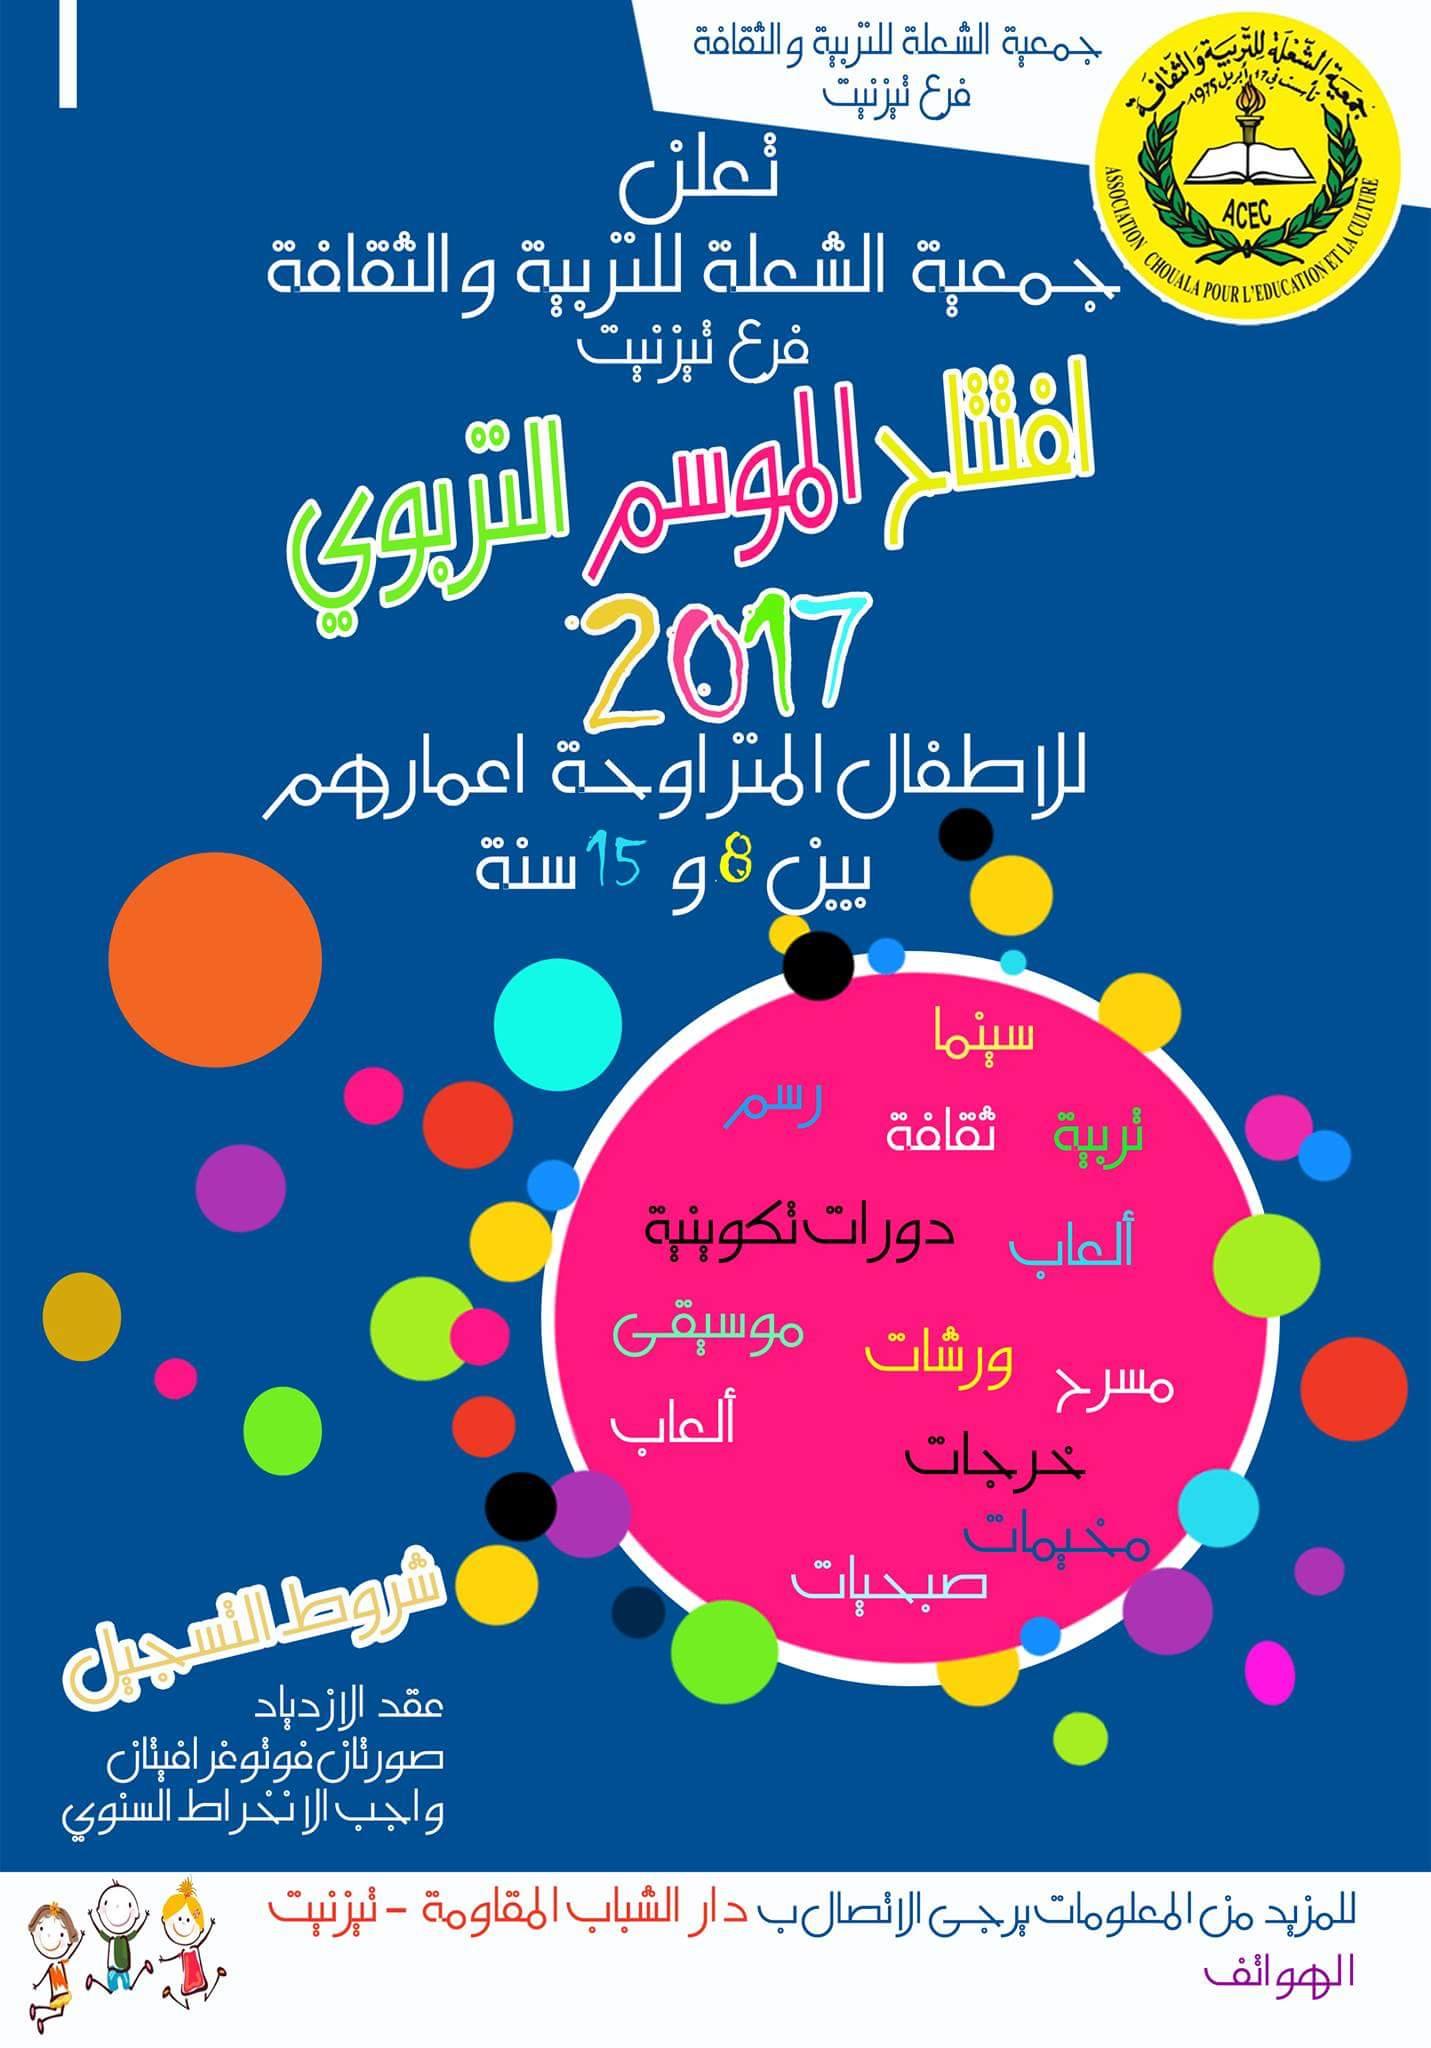 جمعية الشعلة للتربية و الثقافة فرع تيزنيت تعلن عن افتتاح موسمها التربوي 2016-2017